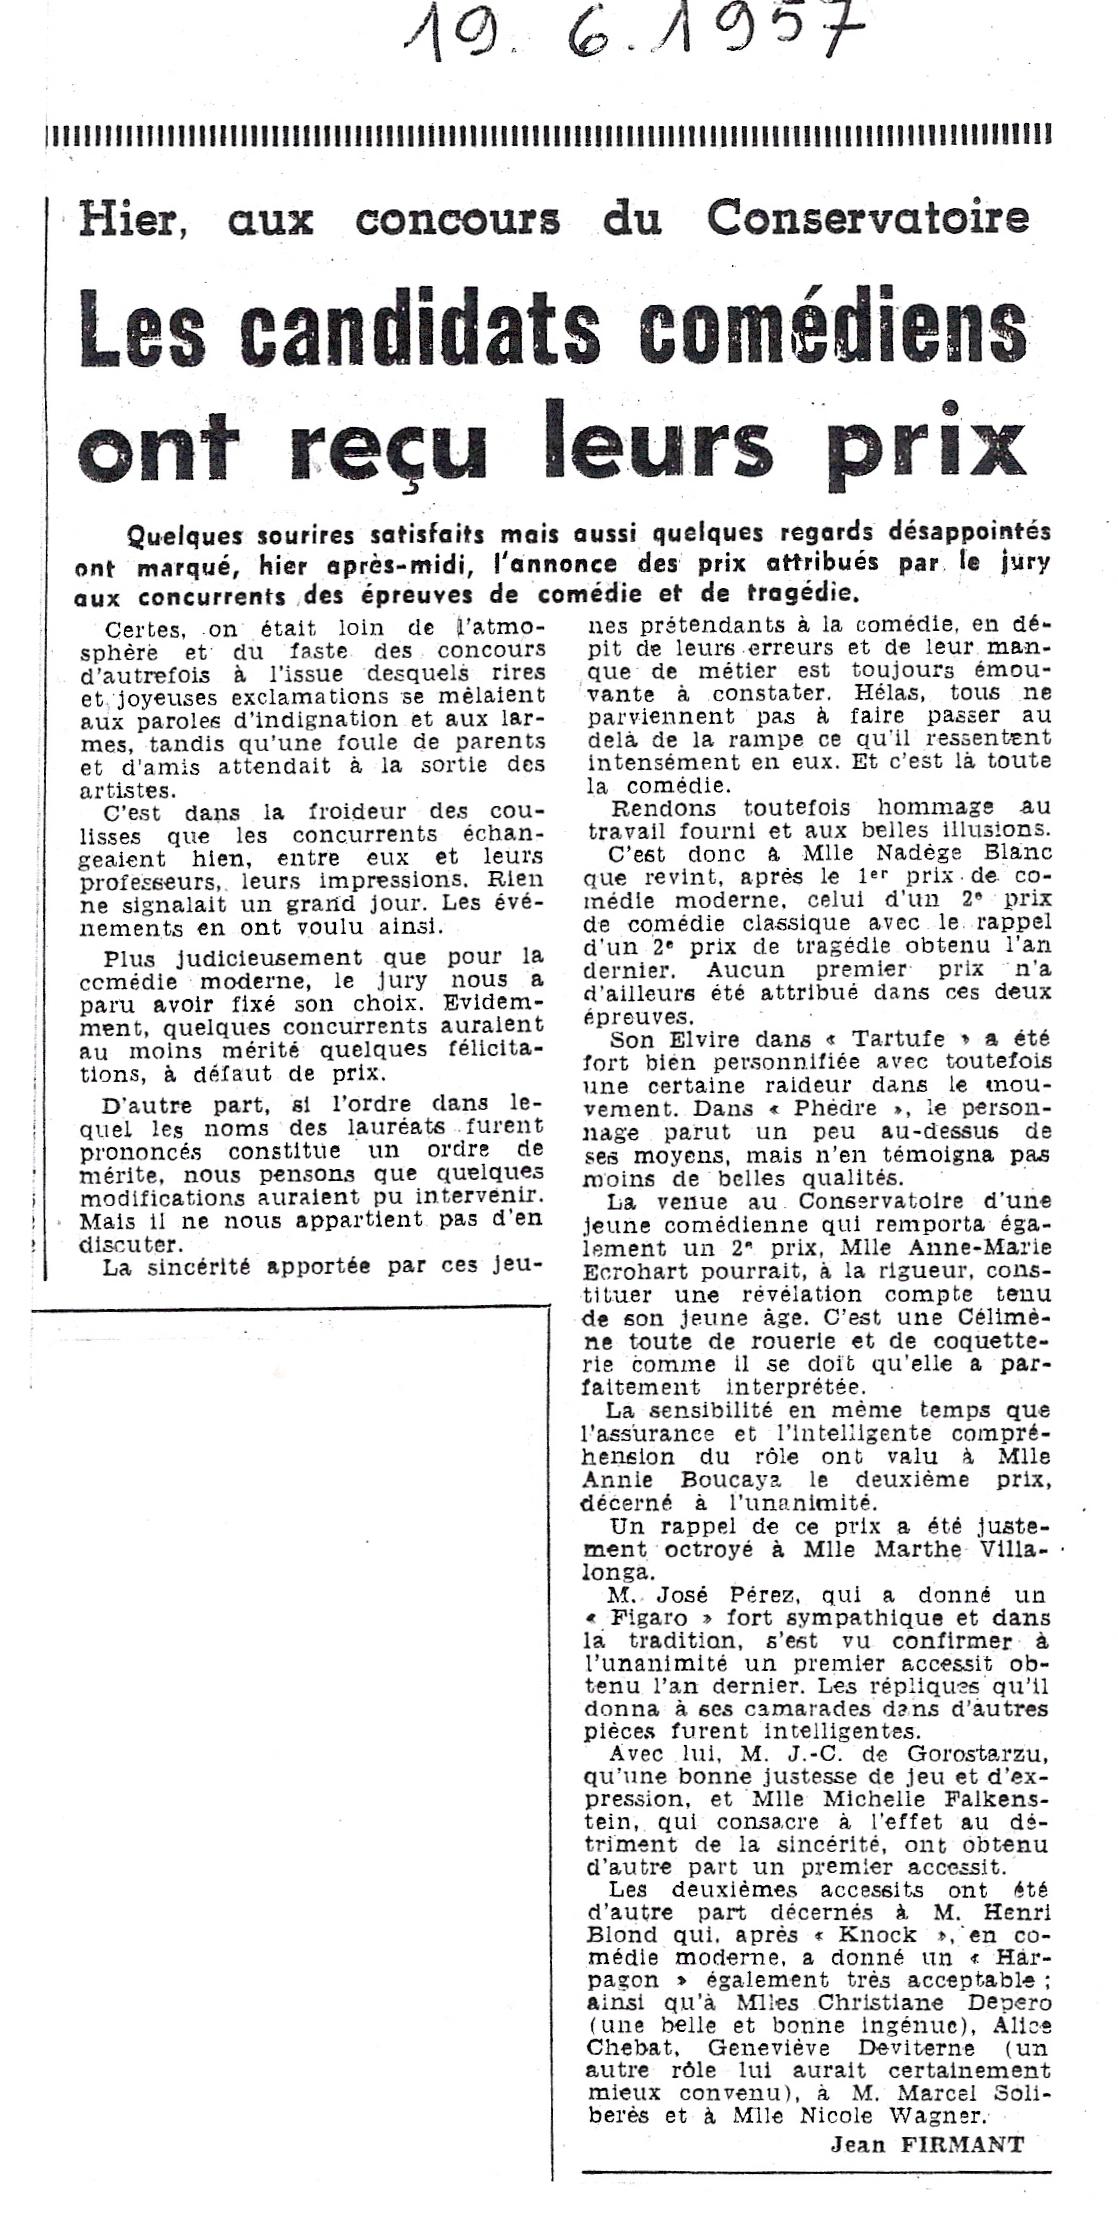 Distribution des prix du Conservatoire - 1957